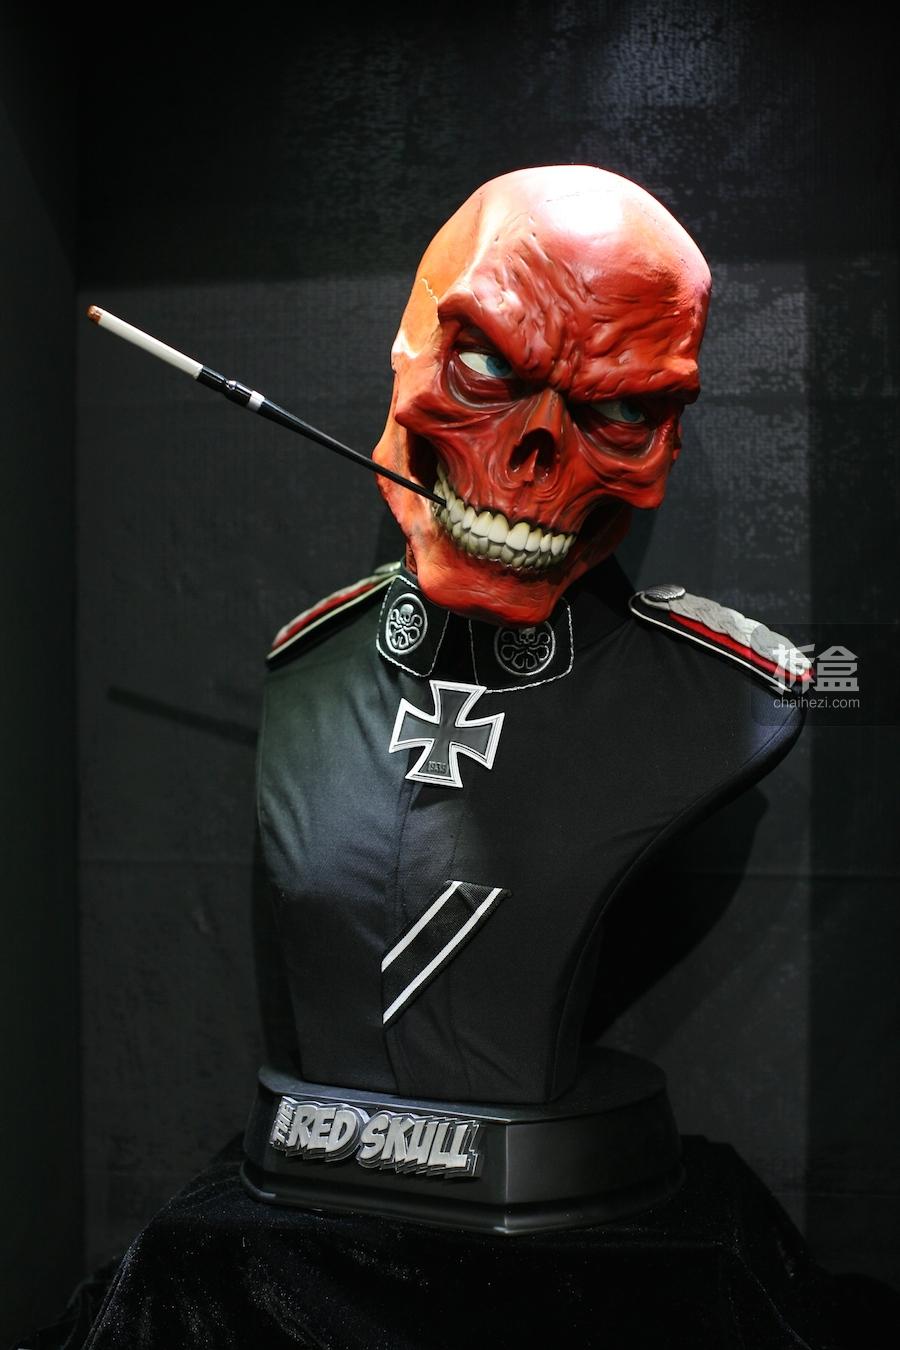 1:1 红骷髅 胸像 Red Skull